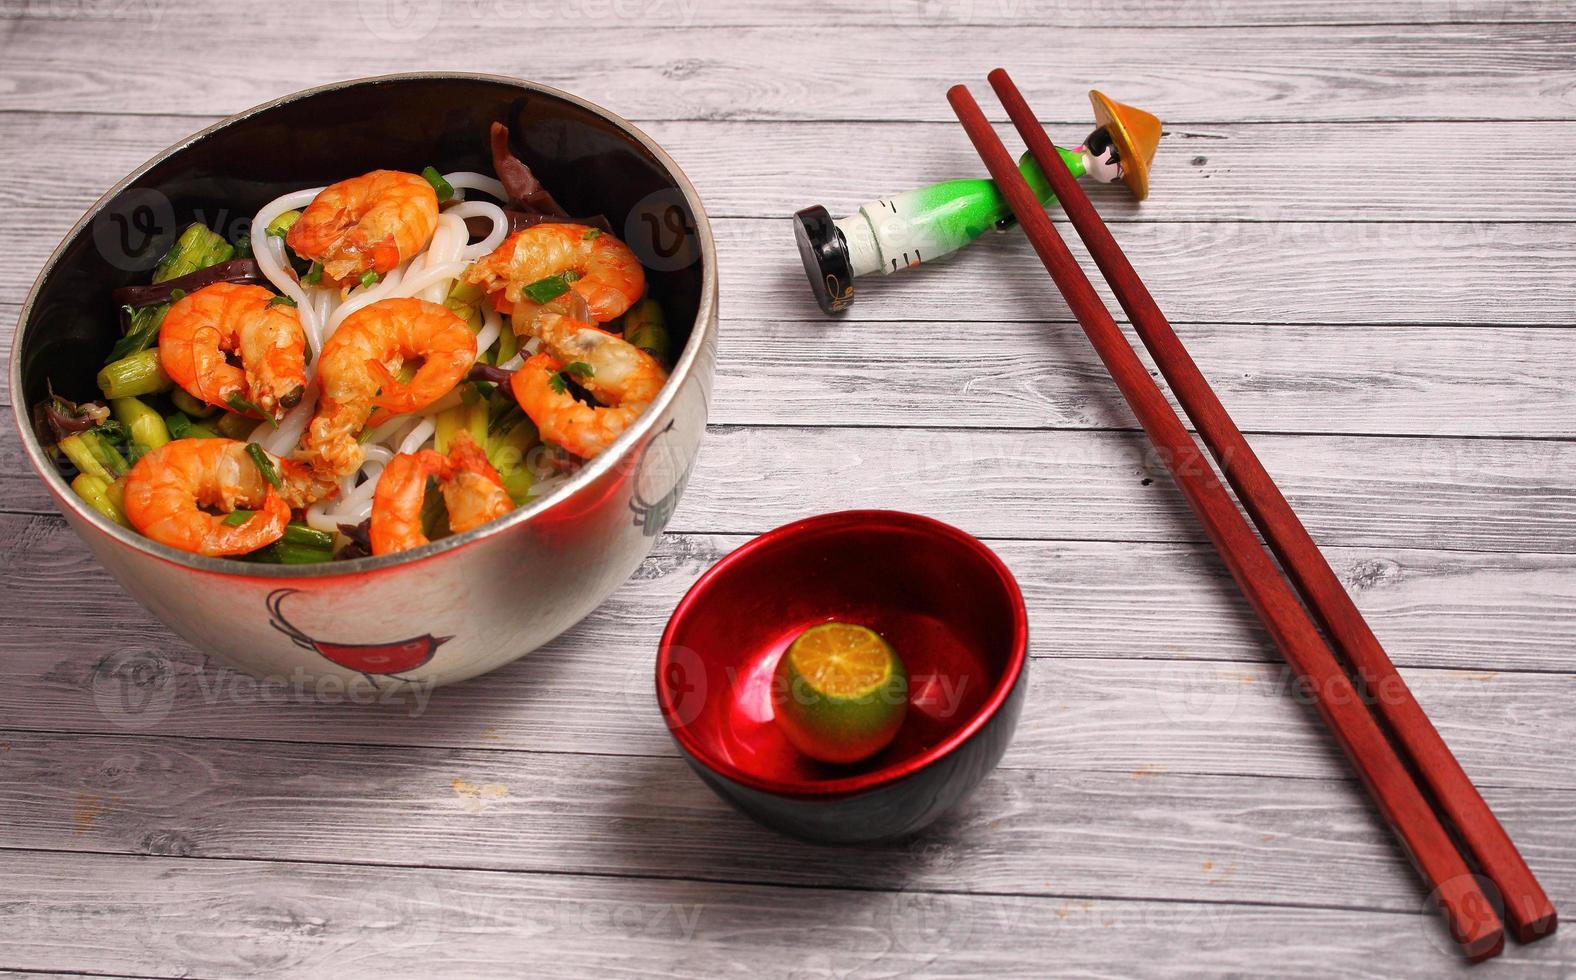 soupe pho aux crevettes vietnamiennes photo